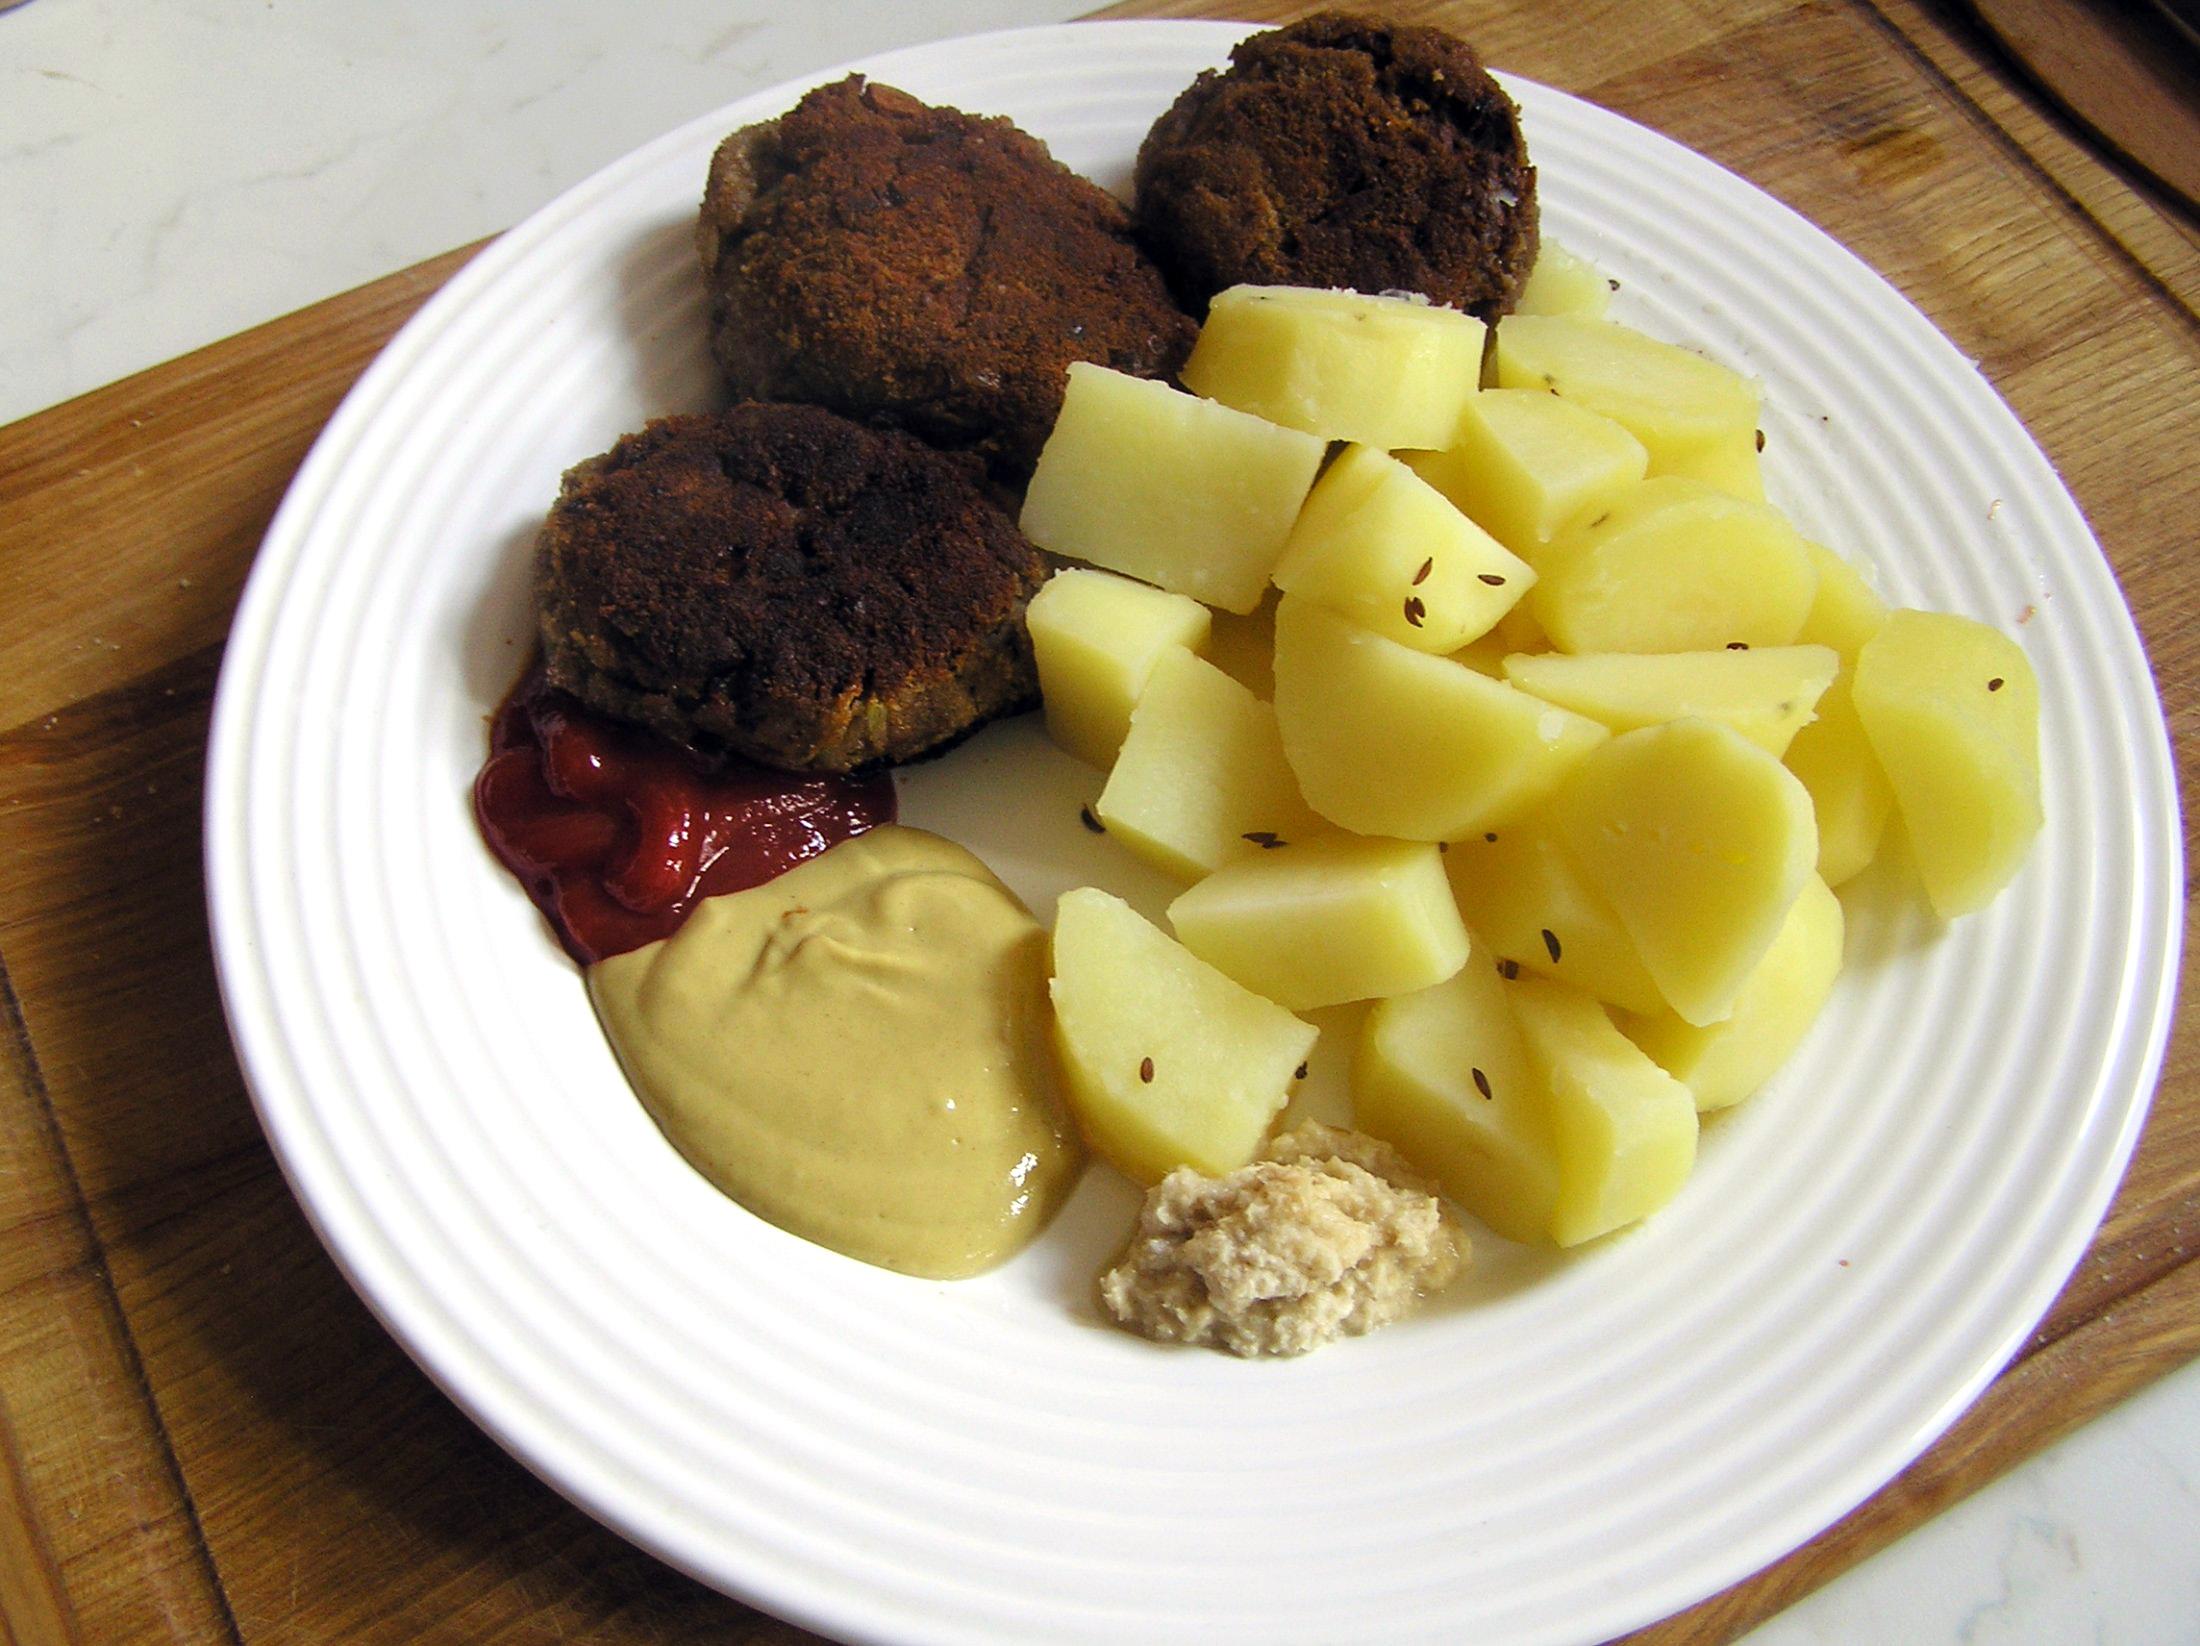 Recept Smažené karbanátky - Hotové karbanátky s vařenými brambory, trochou hořčice, kečupu a křenu.